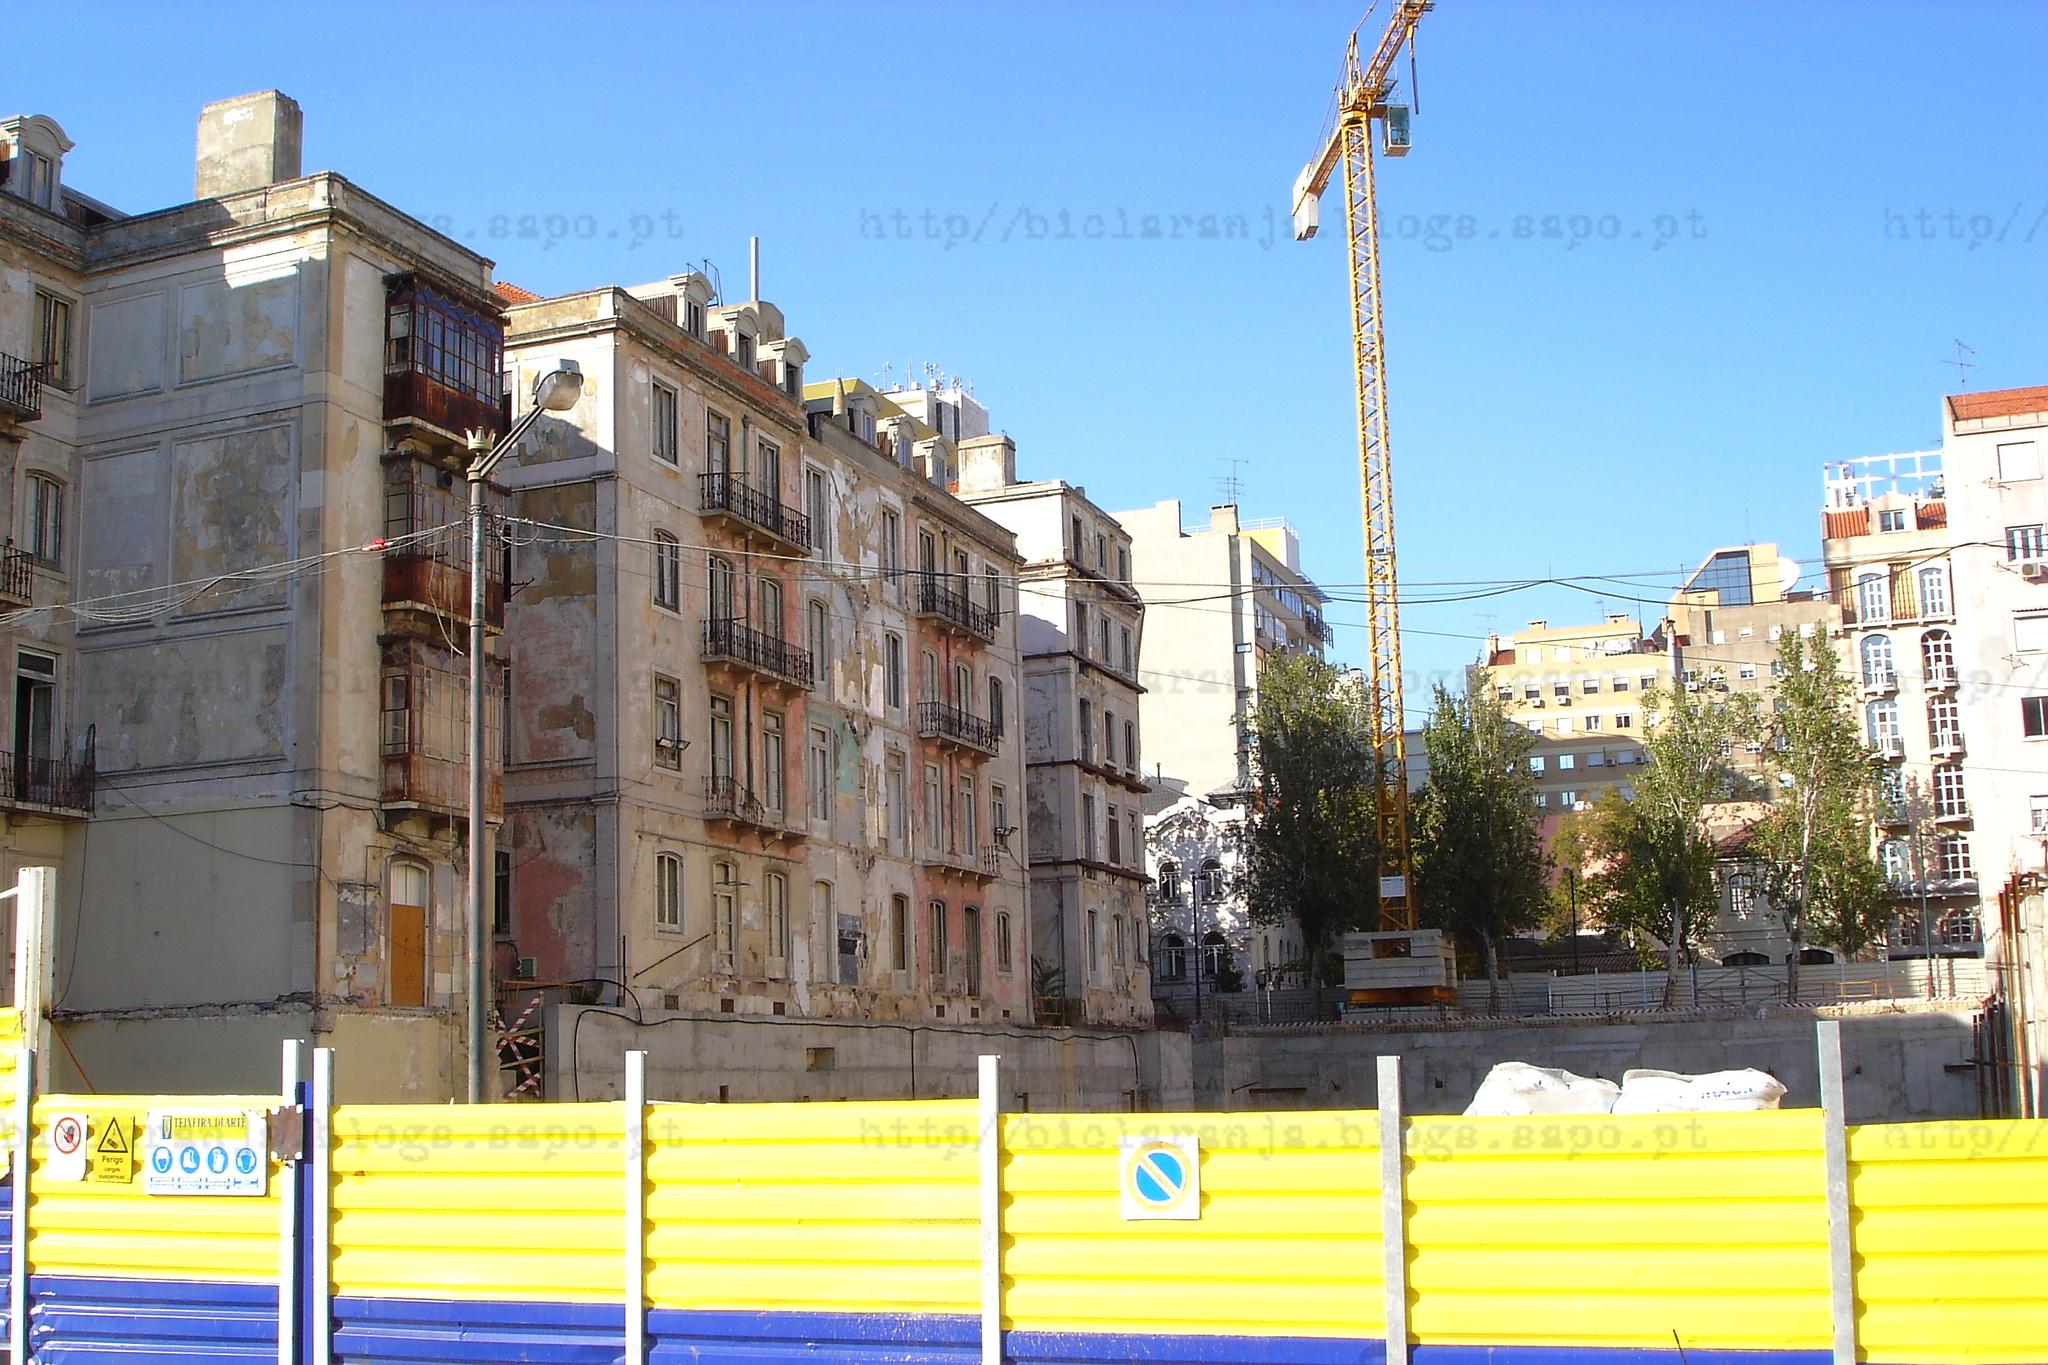 Lisboa - (c) 2005